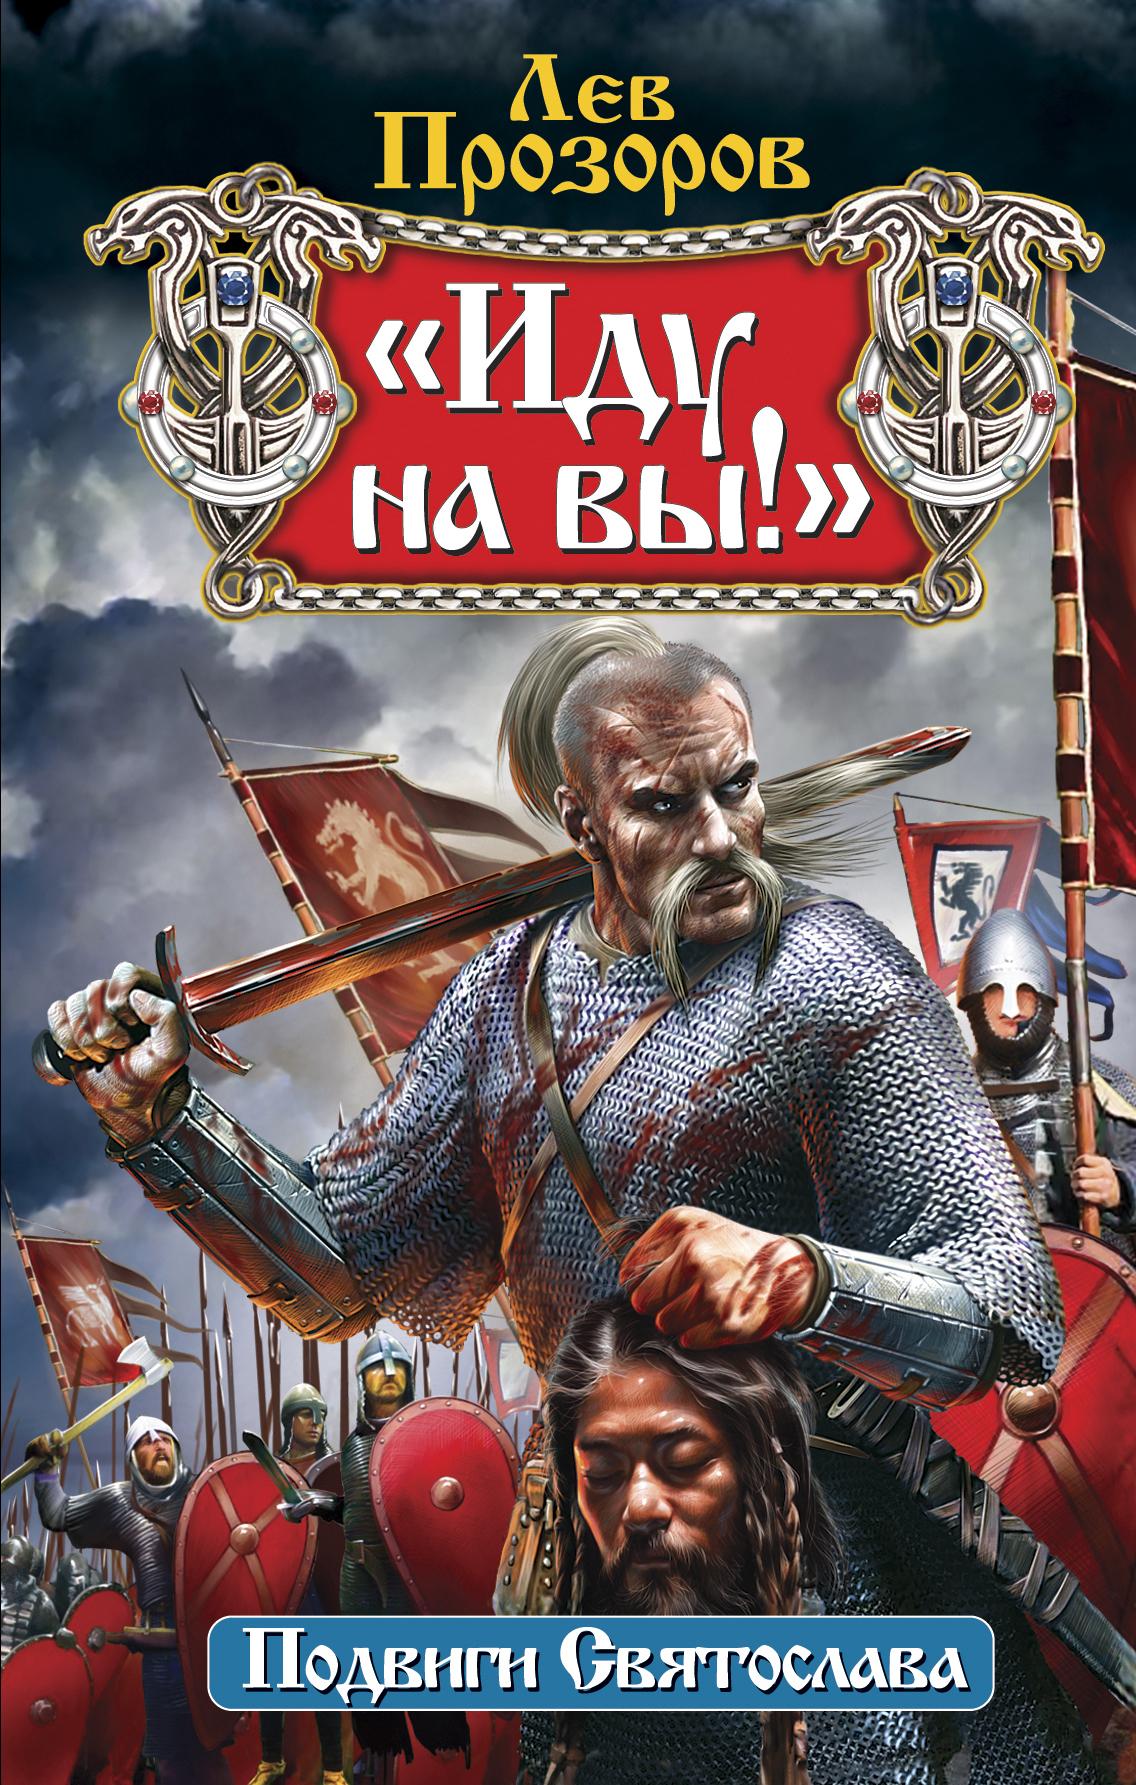 Святослав смотреть онлайн бесплатно в хорошем качестве 3 фотография